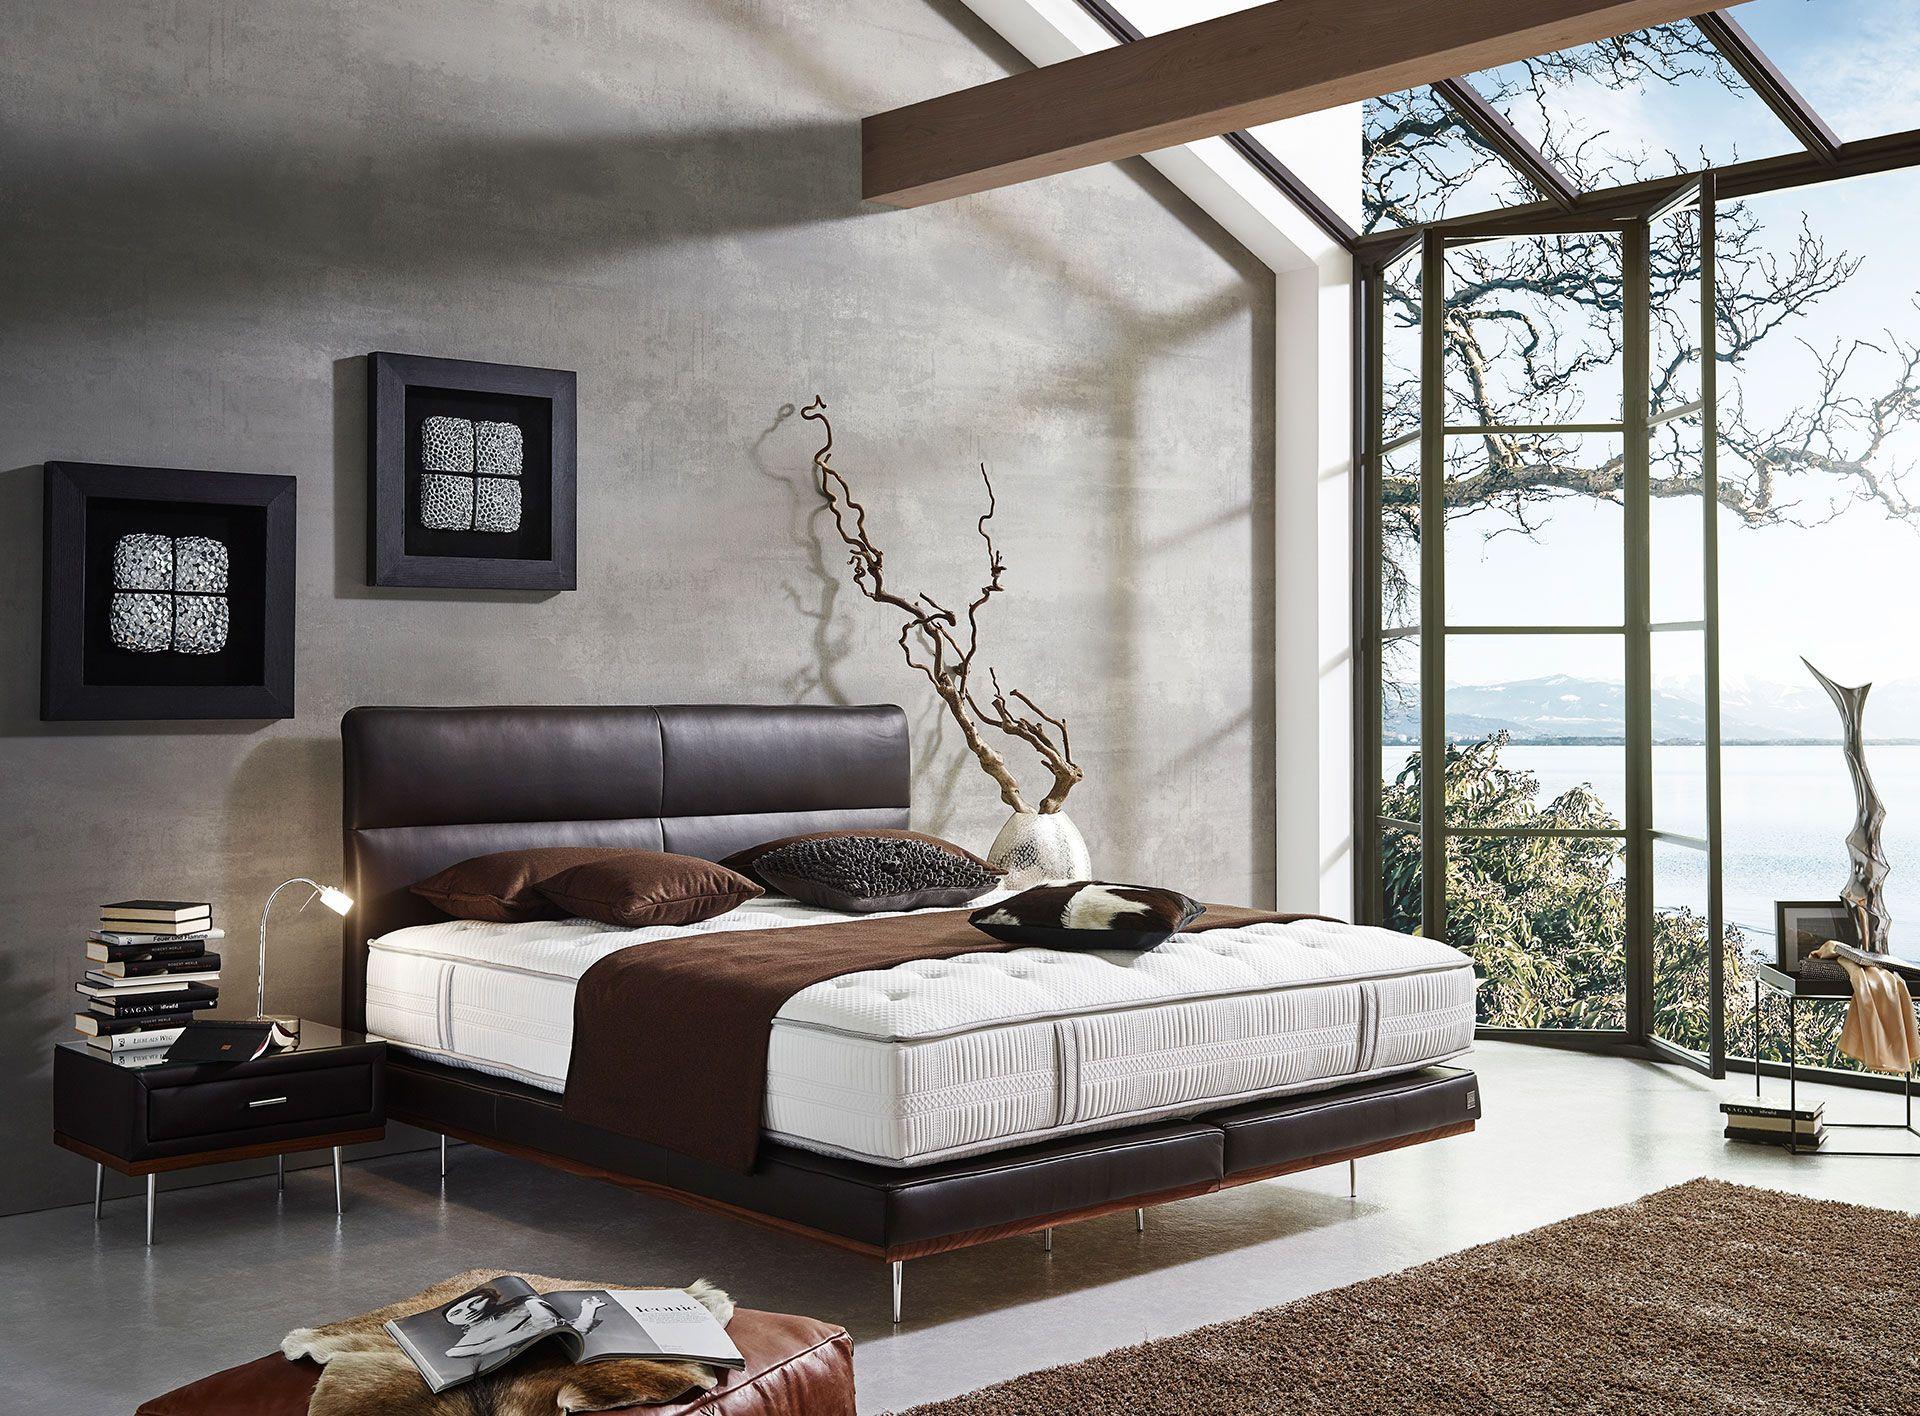 Mit einem aufregenden Kontrast aus kühlem Chrom, natürlichem Massivholzsockel und feinstem Lederbezug bringt Boxspringbett Thea einen edlen Touch ins Schlafzimmer.